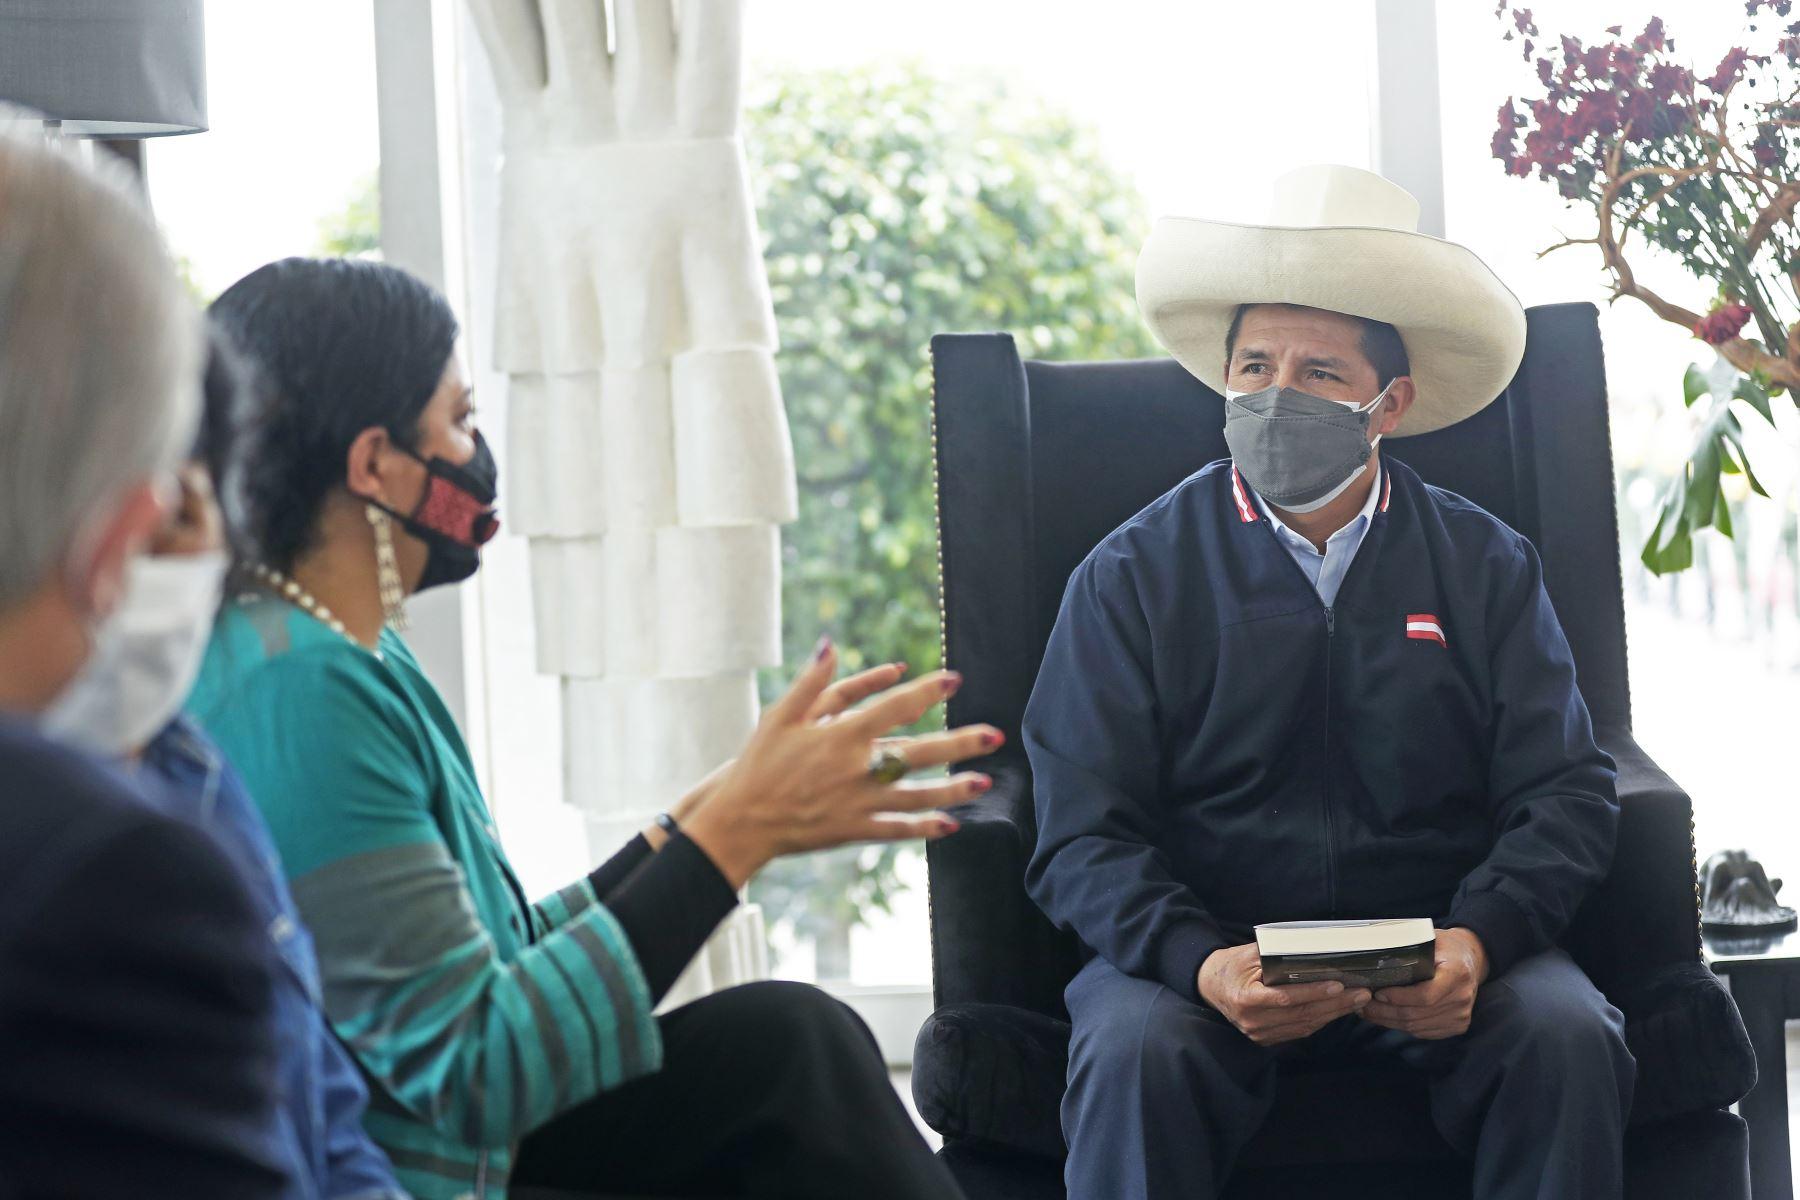 El presidente Pedro Castillo a la ciudad de México, donde asistirá mañana a la VI Cumbre de la Comunidad de Estados Latinoamericanos y Caribeños (Celac). Foto: ANDINA/Prensa Presidencia